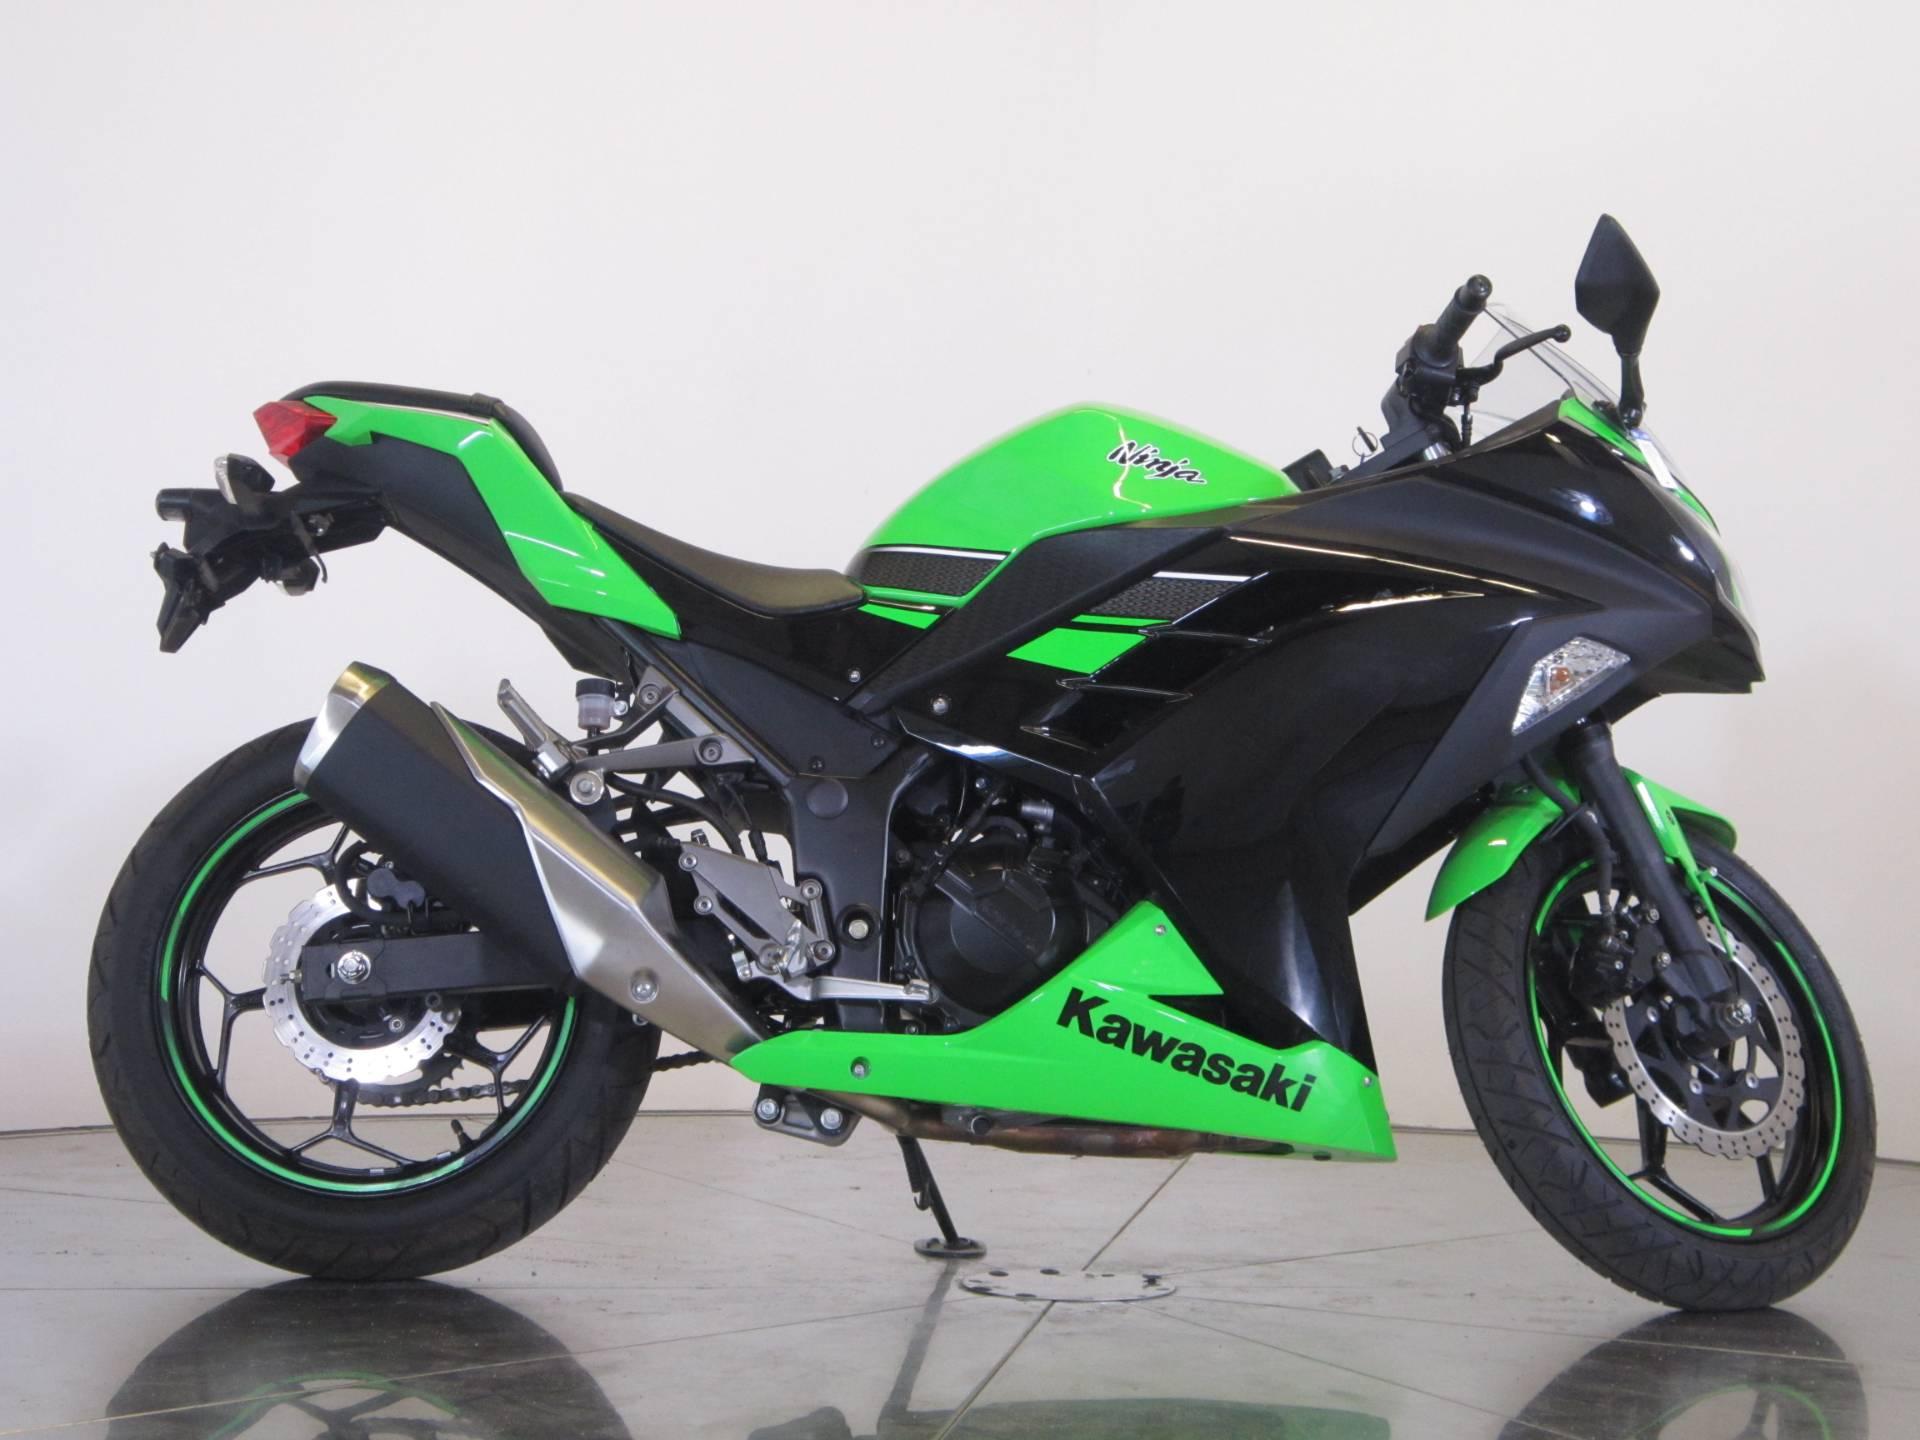 Used 2013 Kawasaki Ninja 300 Motorcycles In Greenwood Village Co